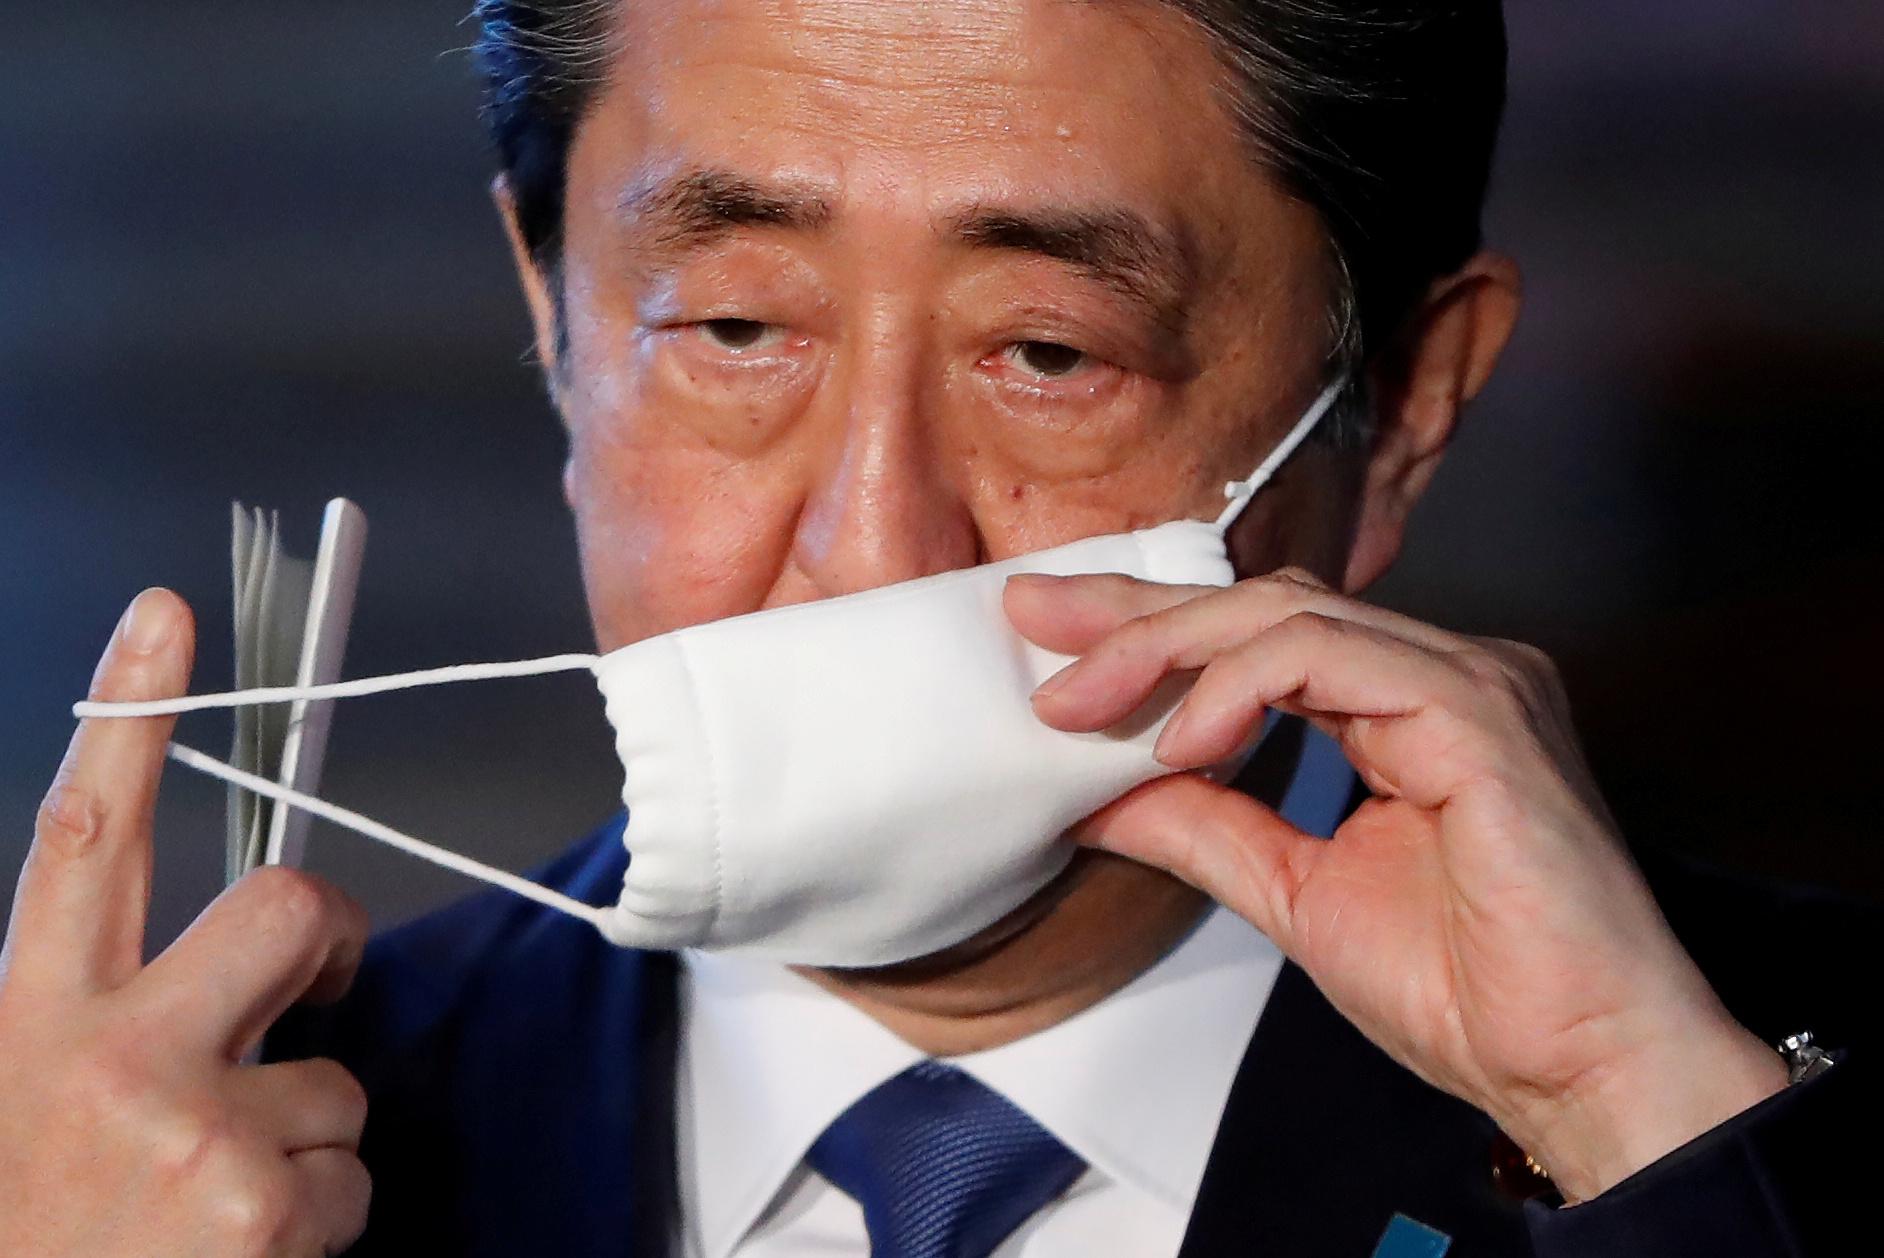 Japão: idas de premiê Shinzo Abe a hospital geram preocupação sobre sua saúde